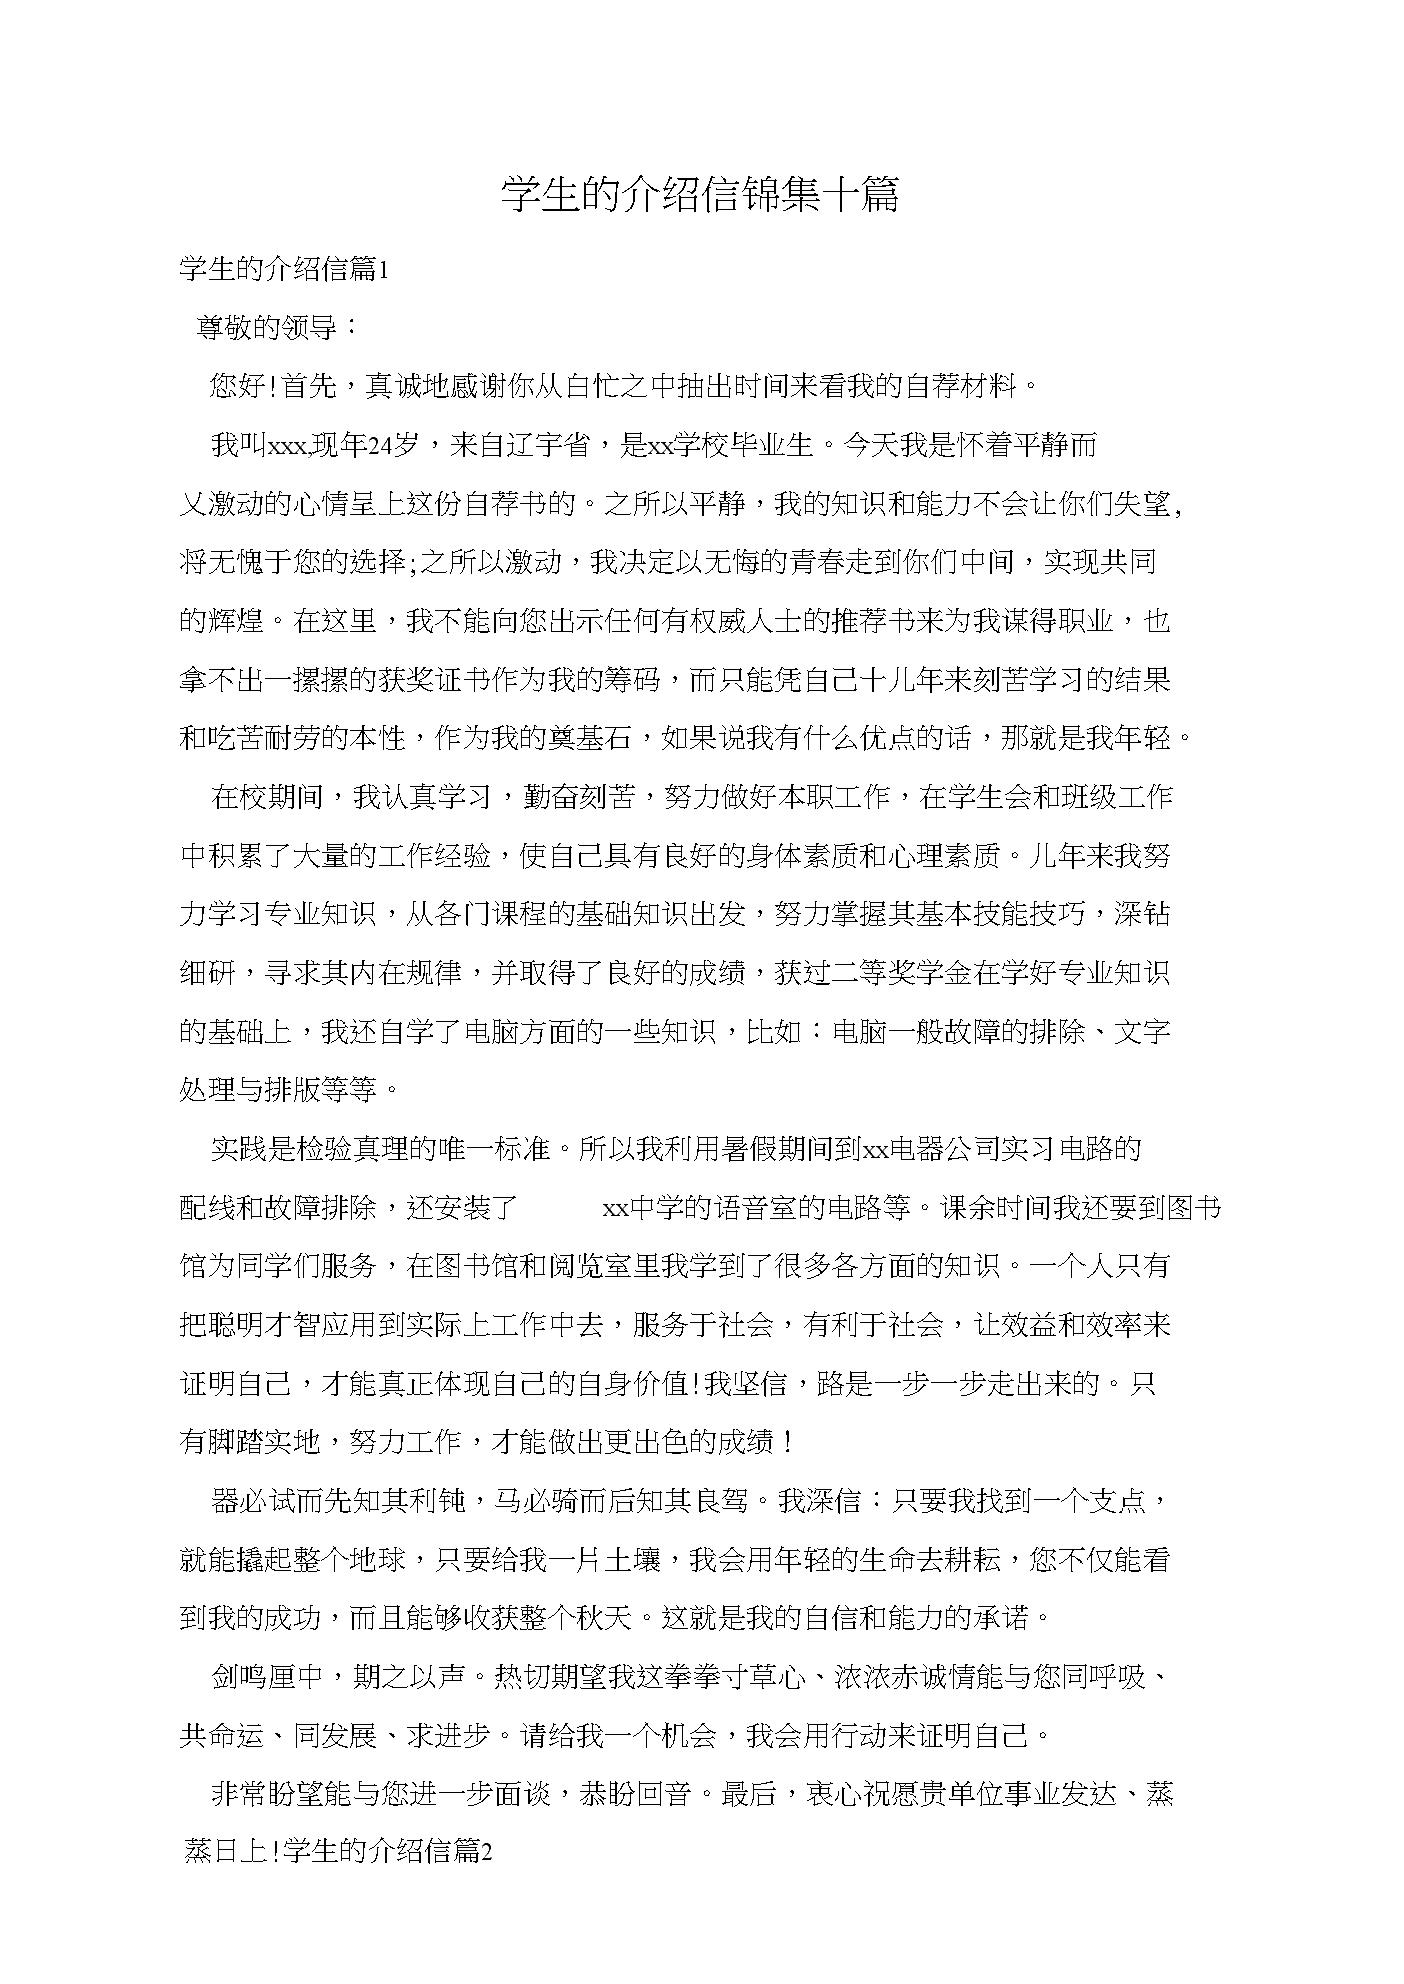 学生的介绍信锦集十篇.docx